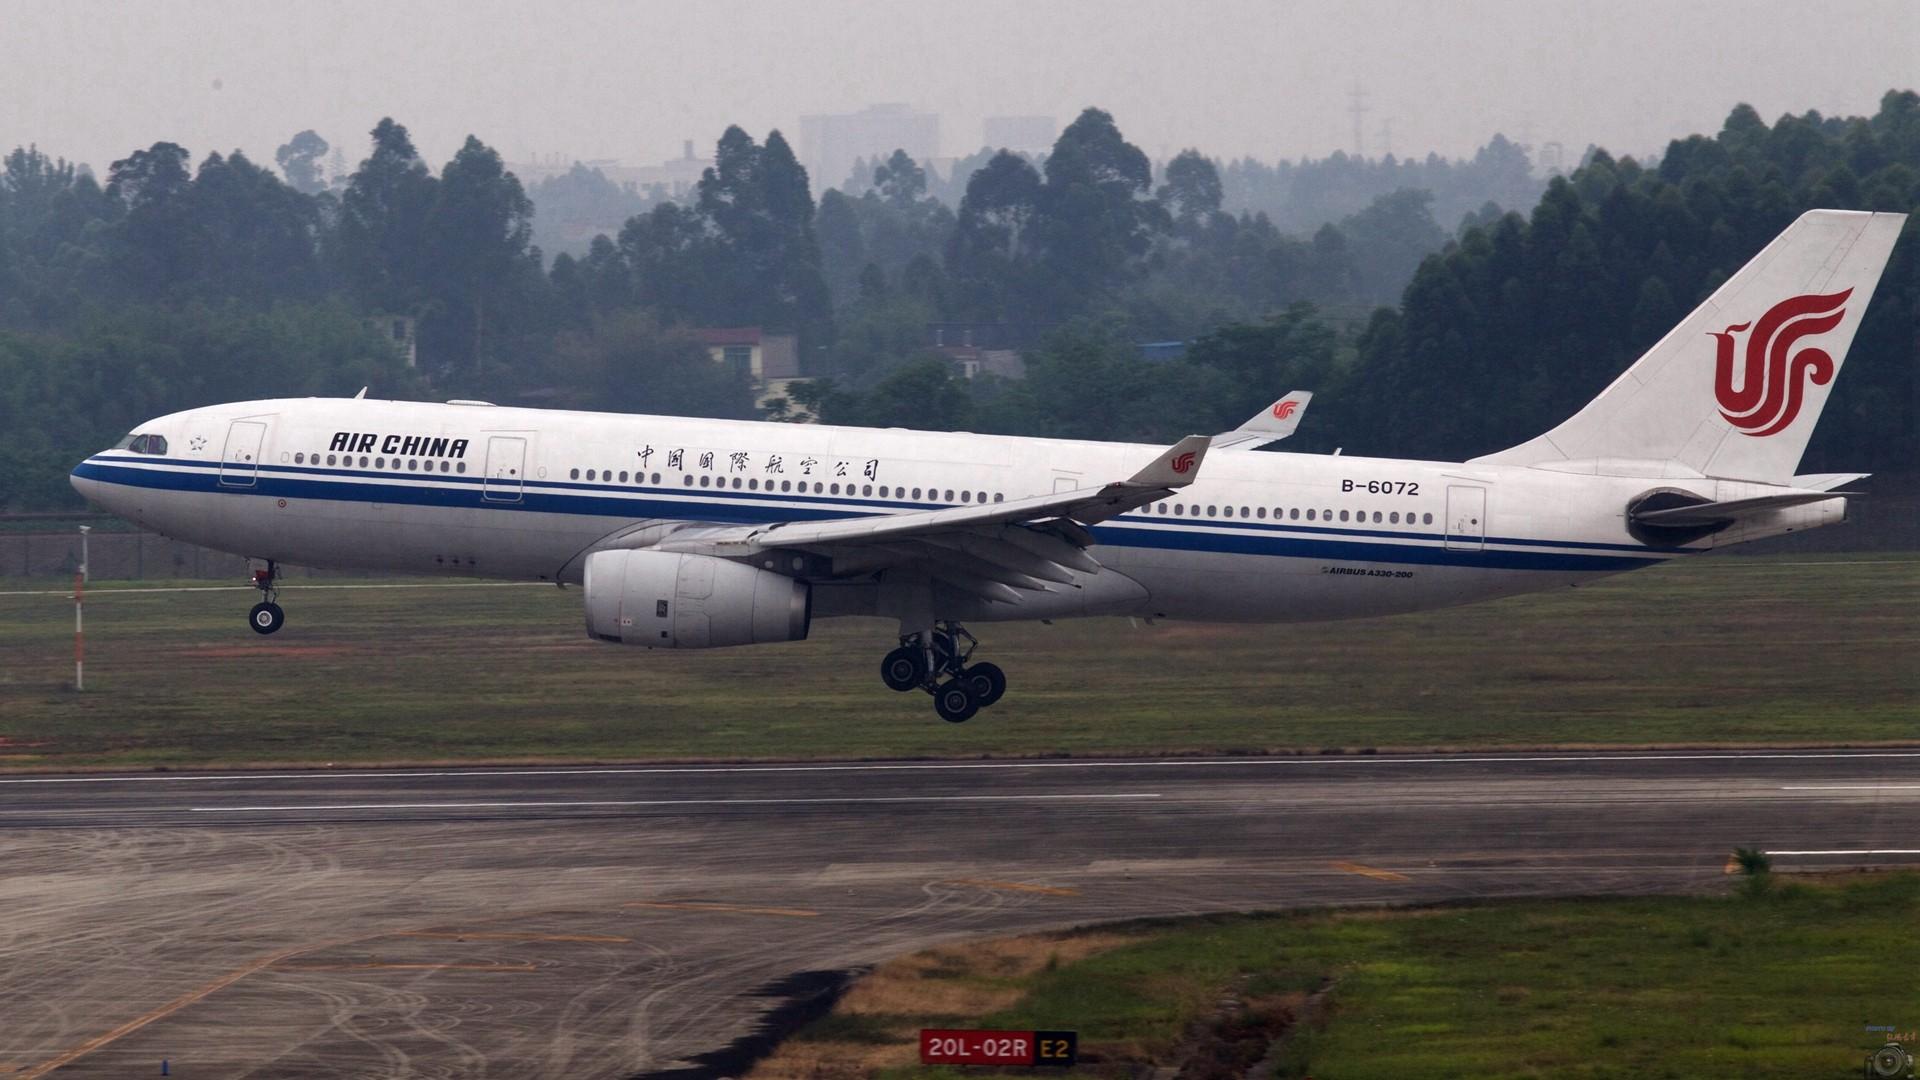 Re:[原创]重出江湖【CTU】2015.5.17打飞机 AIRBUS A330-200 B-6072 中国成都双流国际机场